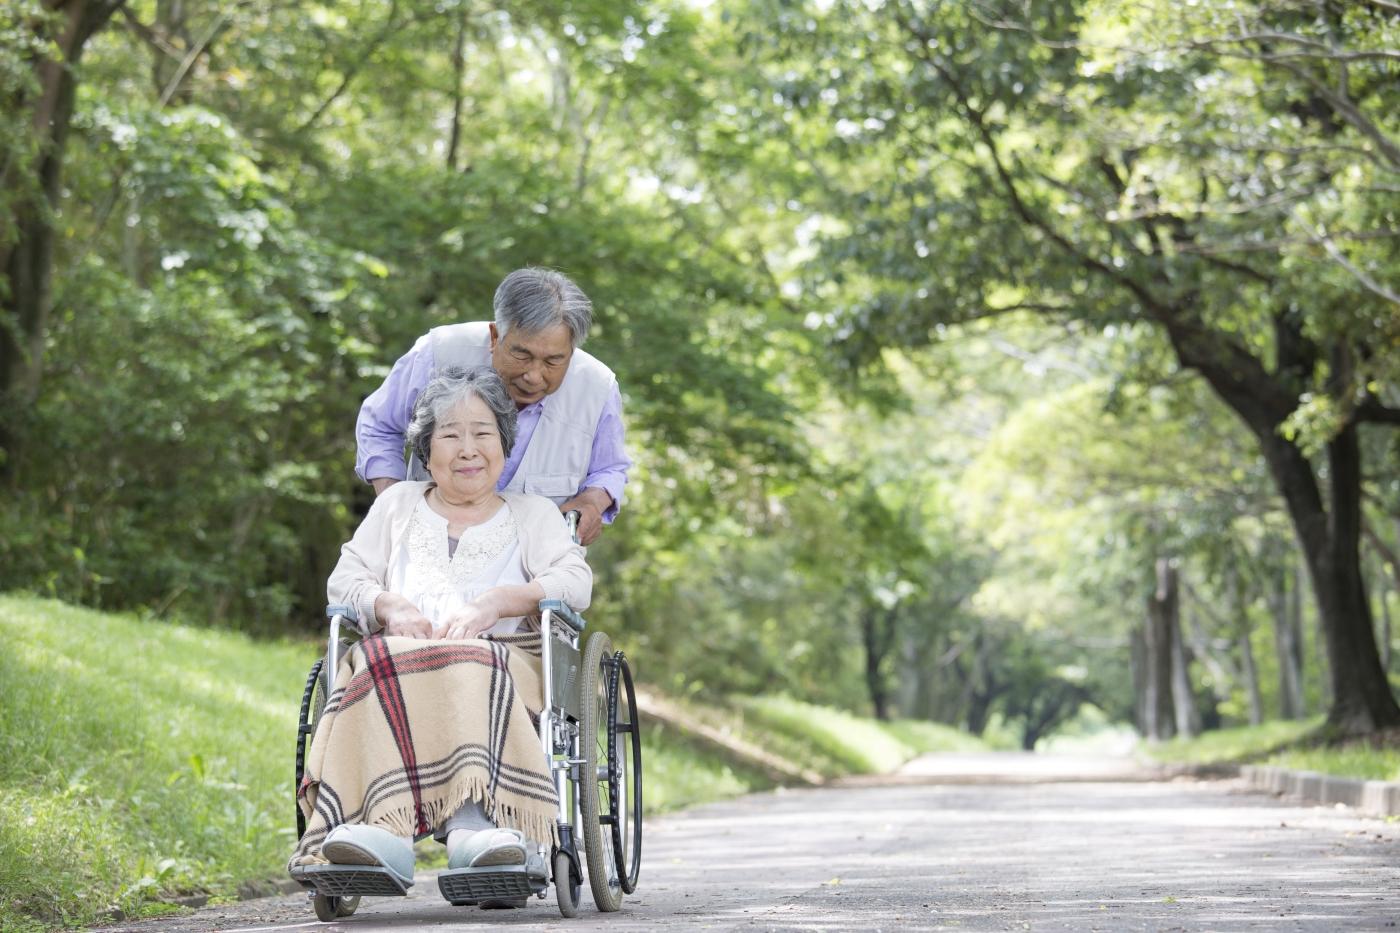 車椅子に乗った高齢女性と車椅子を押す高齢男性の写真